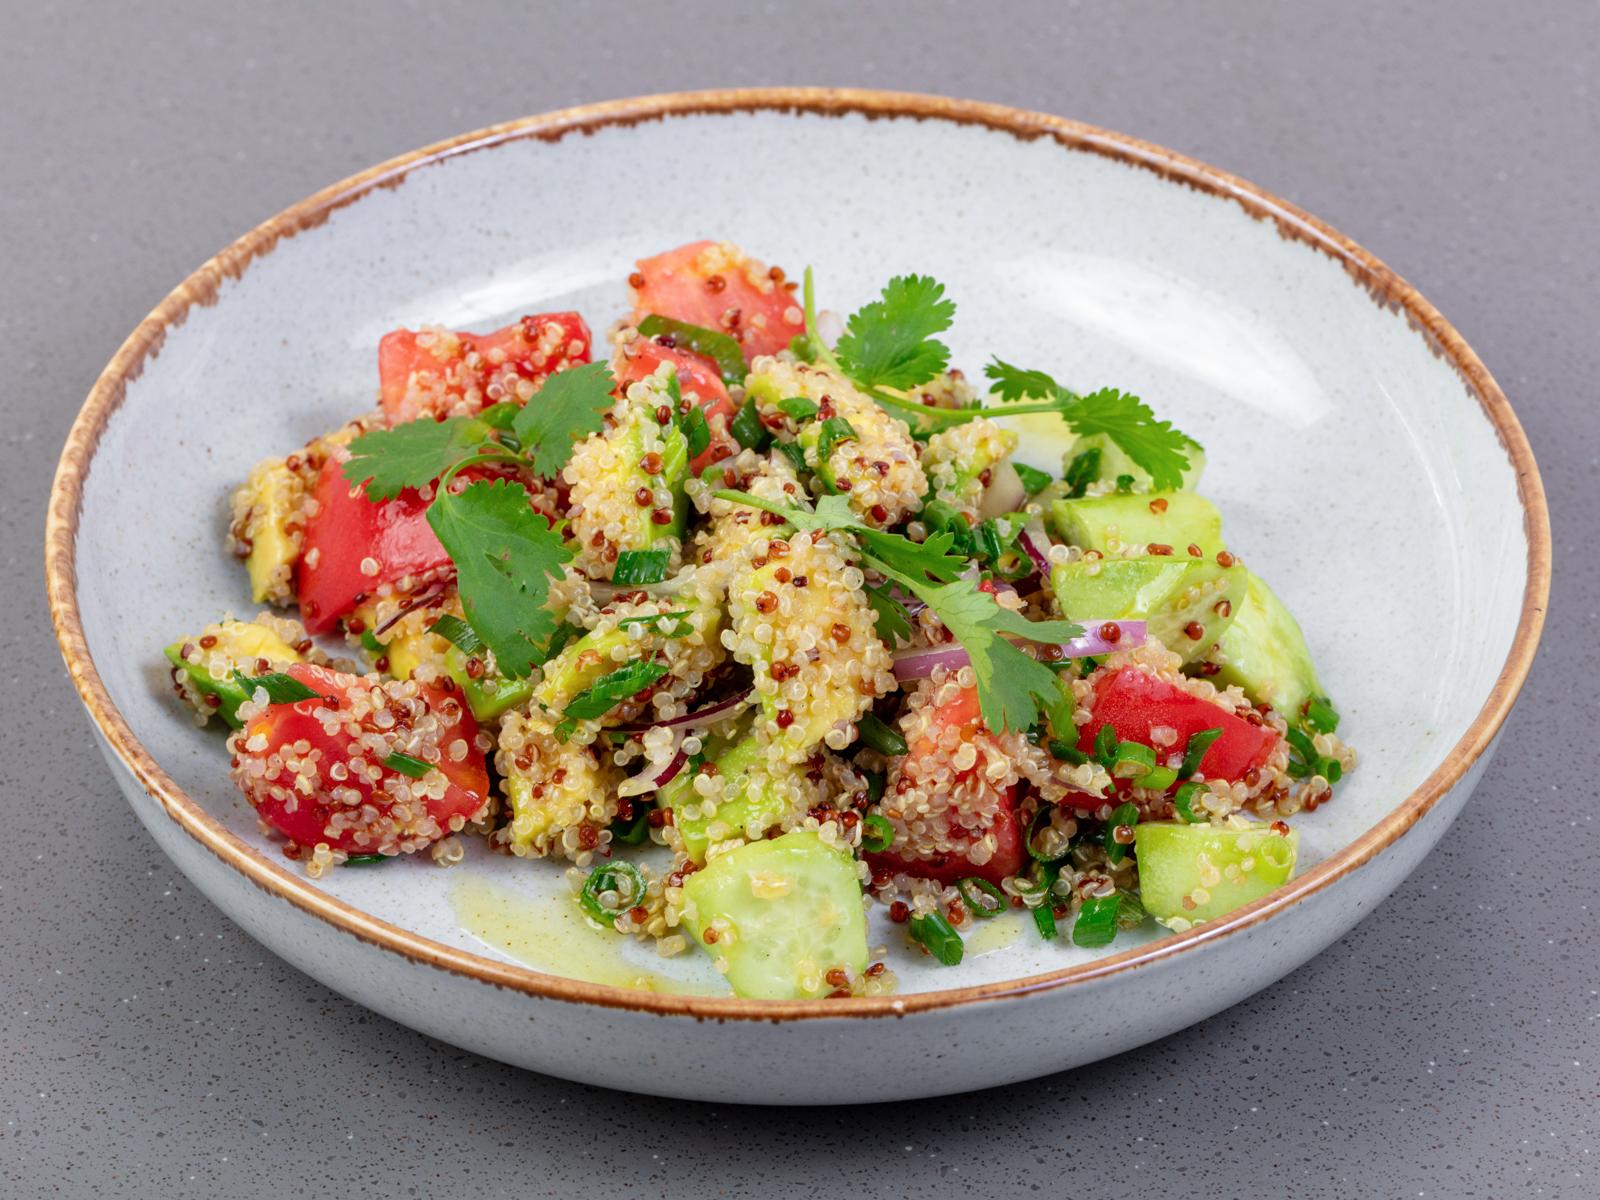 Салат из томатов, огурцов, авокадо и киноа